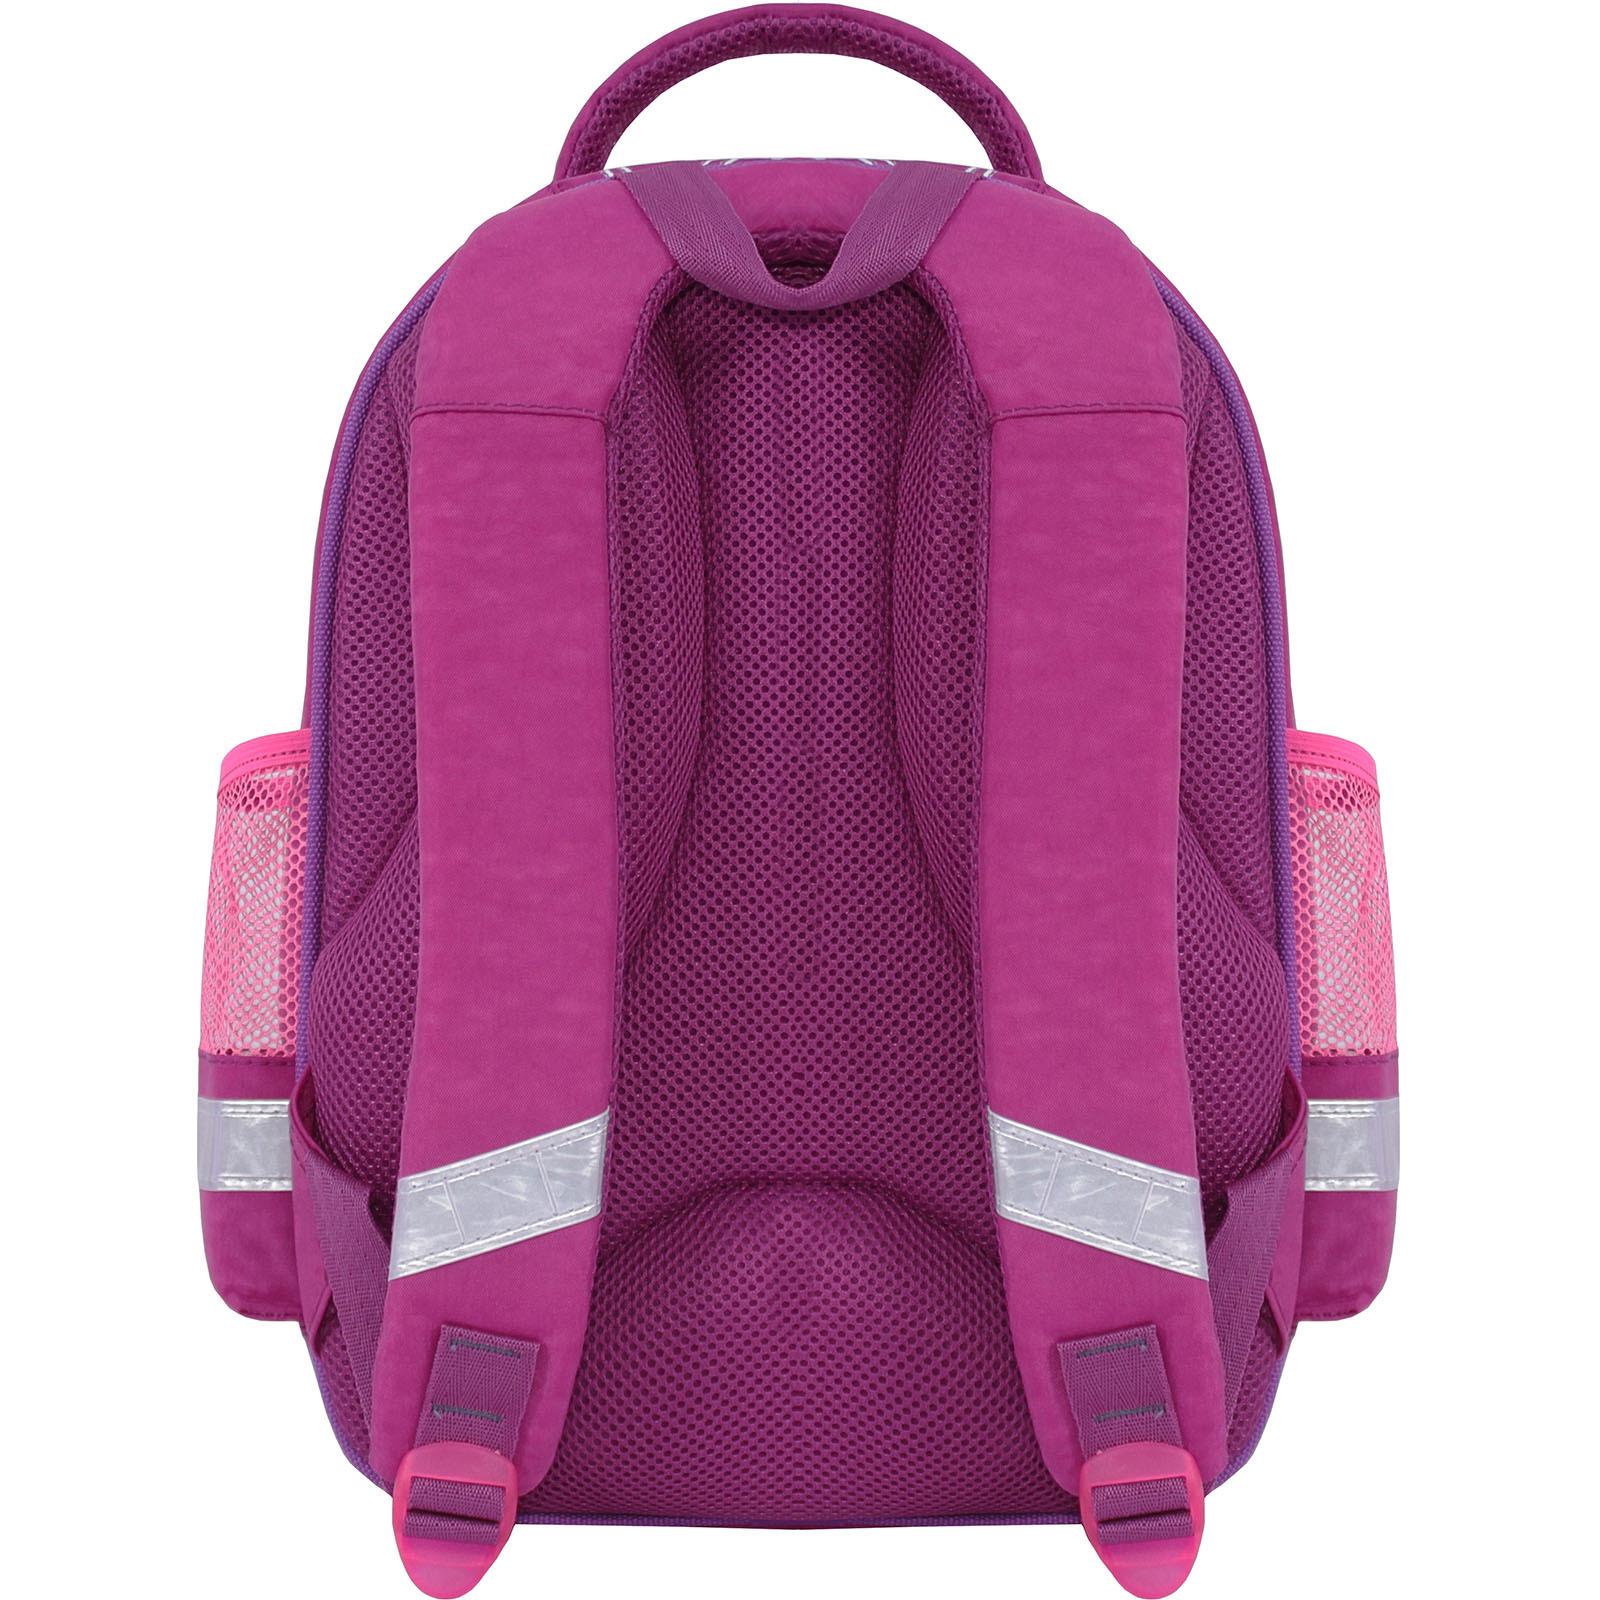 Рюкзак школьный Bagland Mouse 143 малиновый 501 (0051370) фото 4